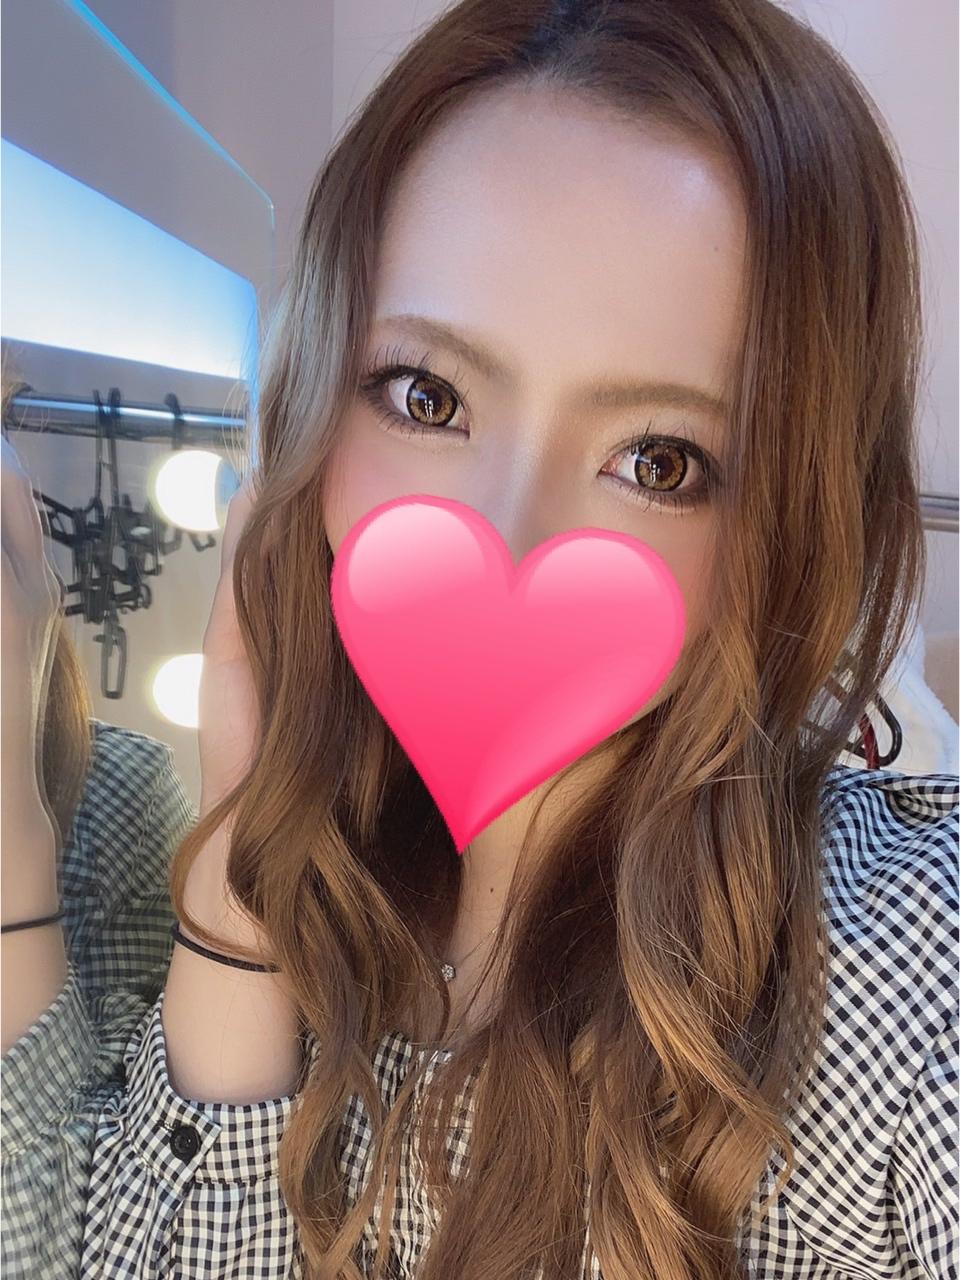 ノノハ(21)